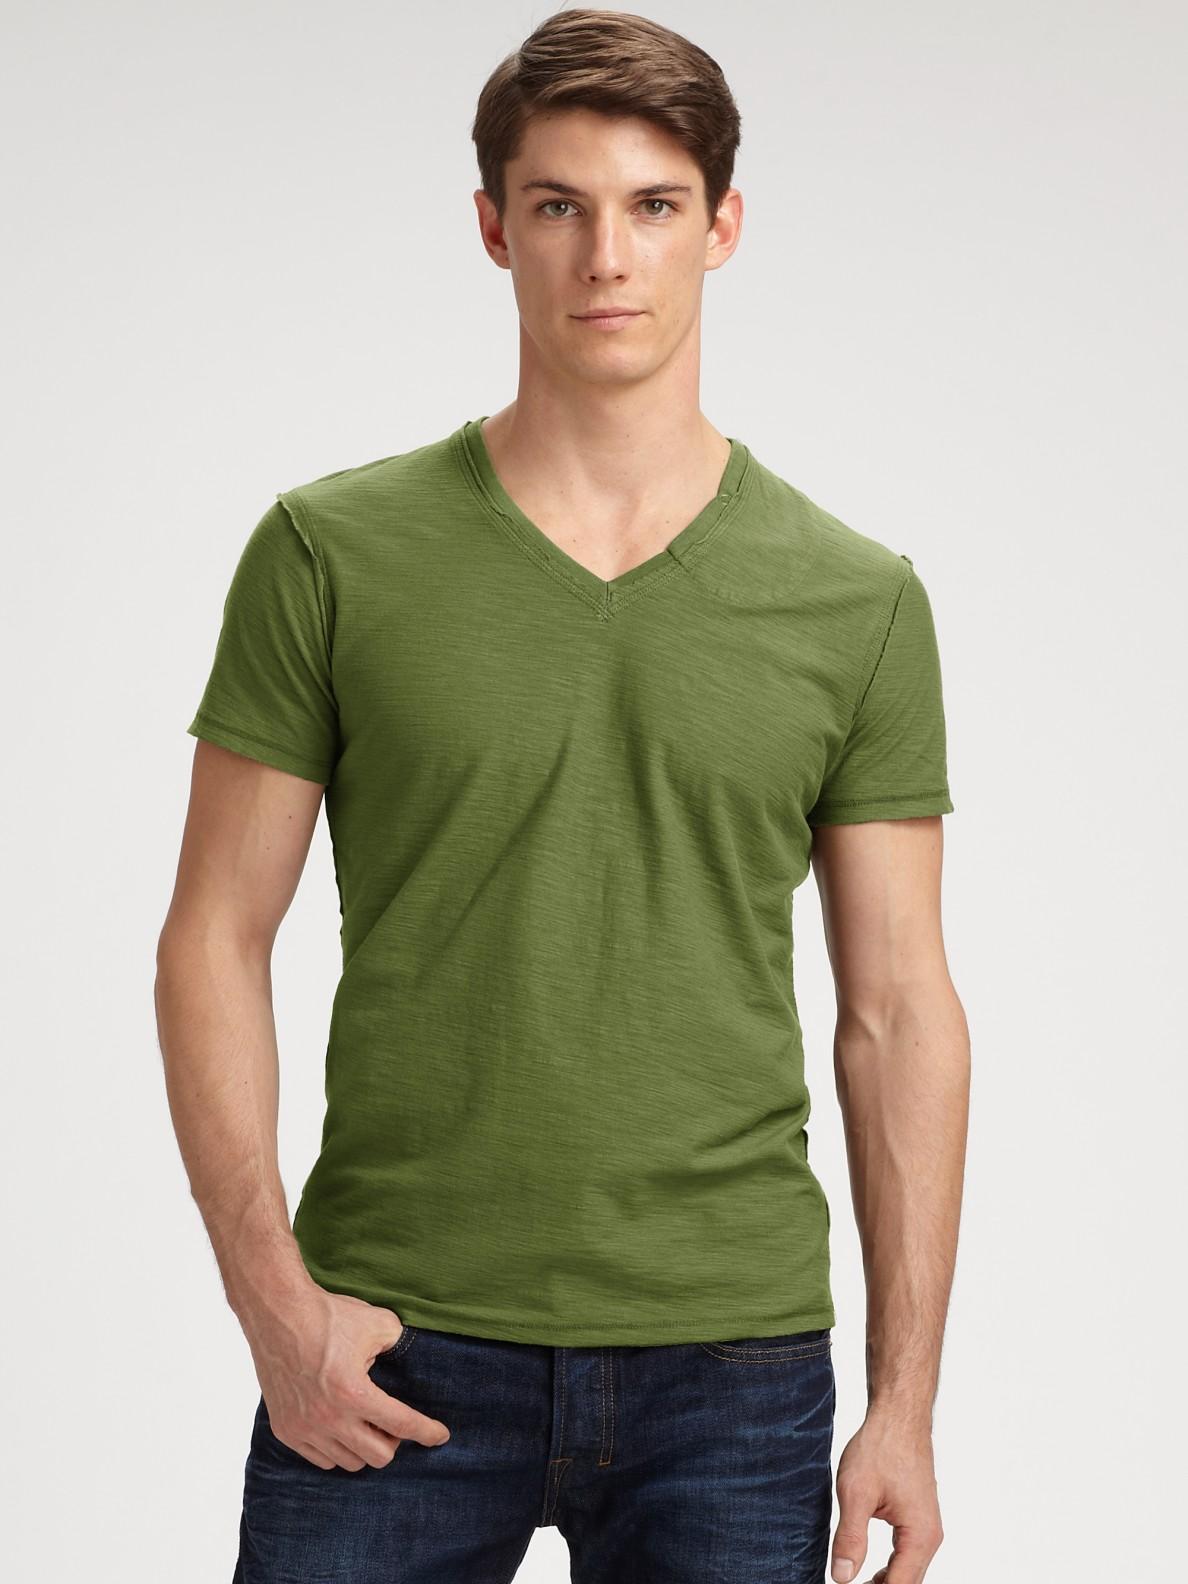 Diesel slubbed v neck tee in green for men olive lyst for Mens diesel v neck t shirts